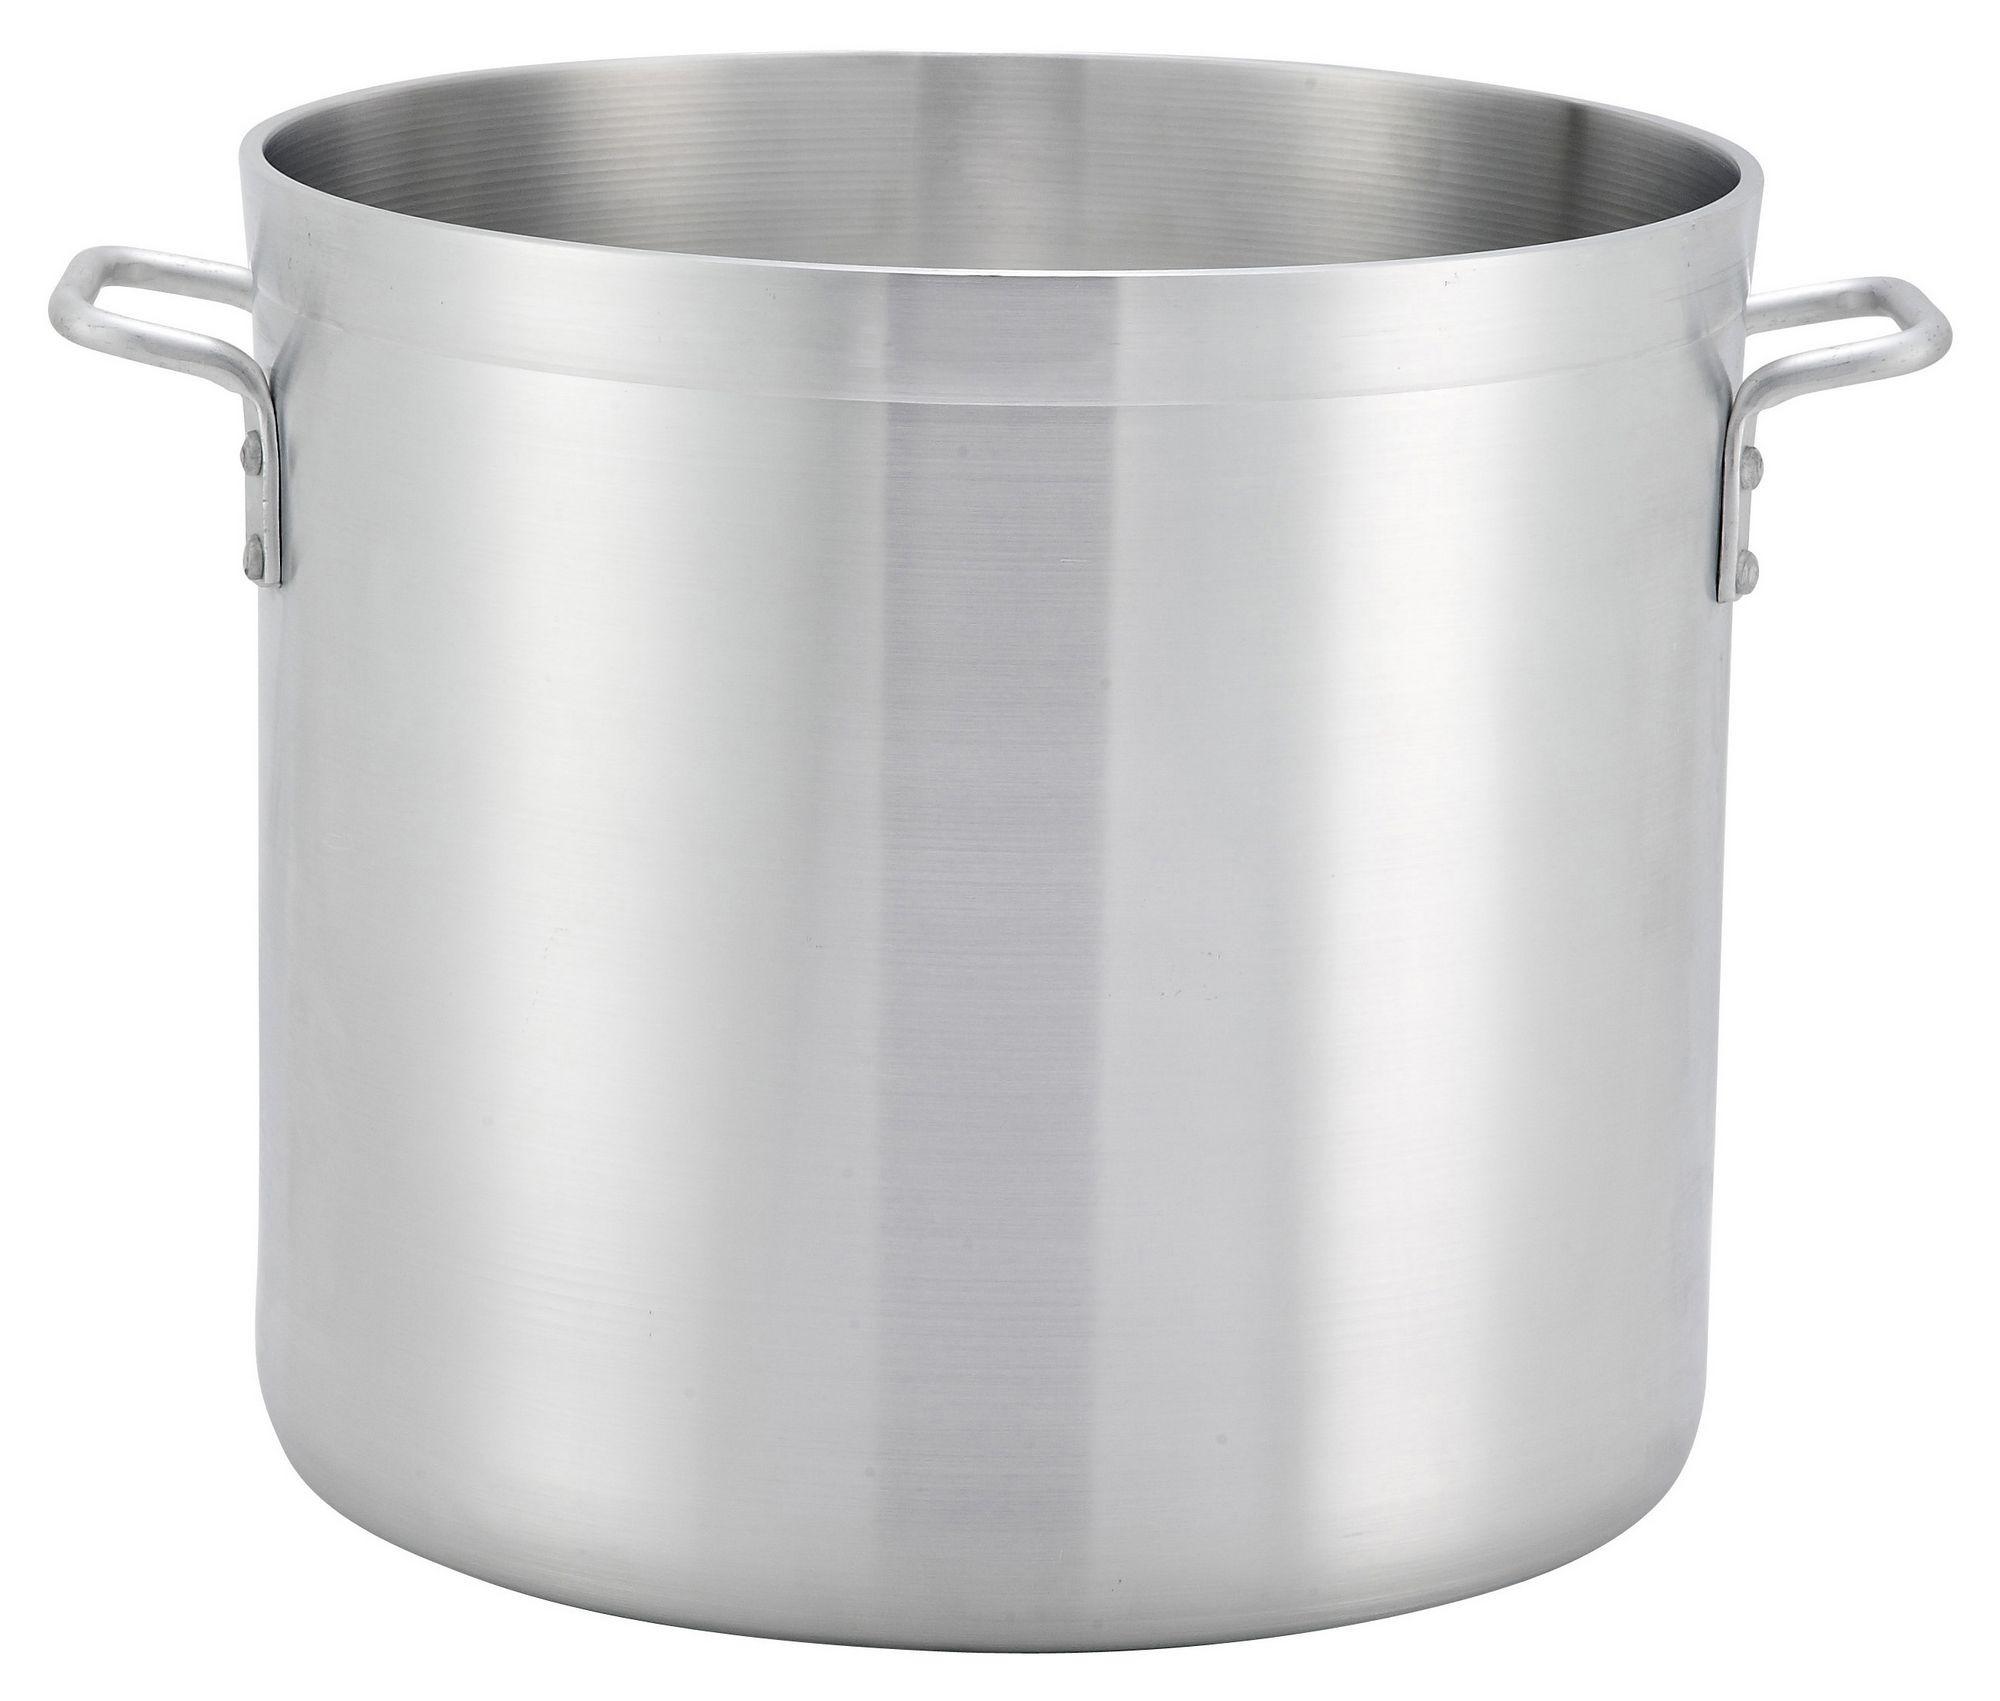 Extra Heavy Aluminum 160-Qt Stock Pot